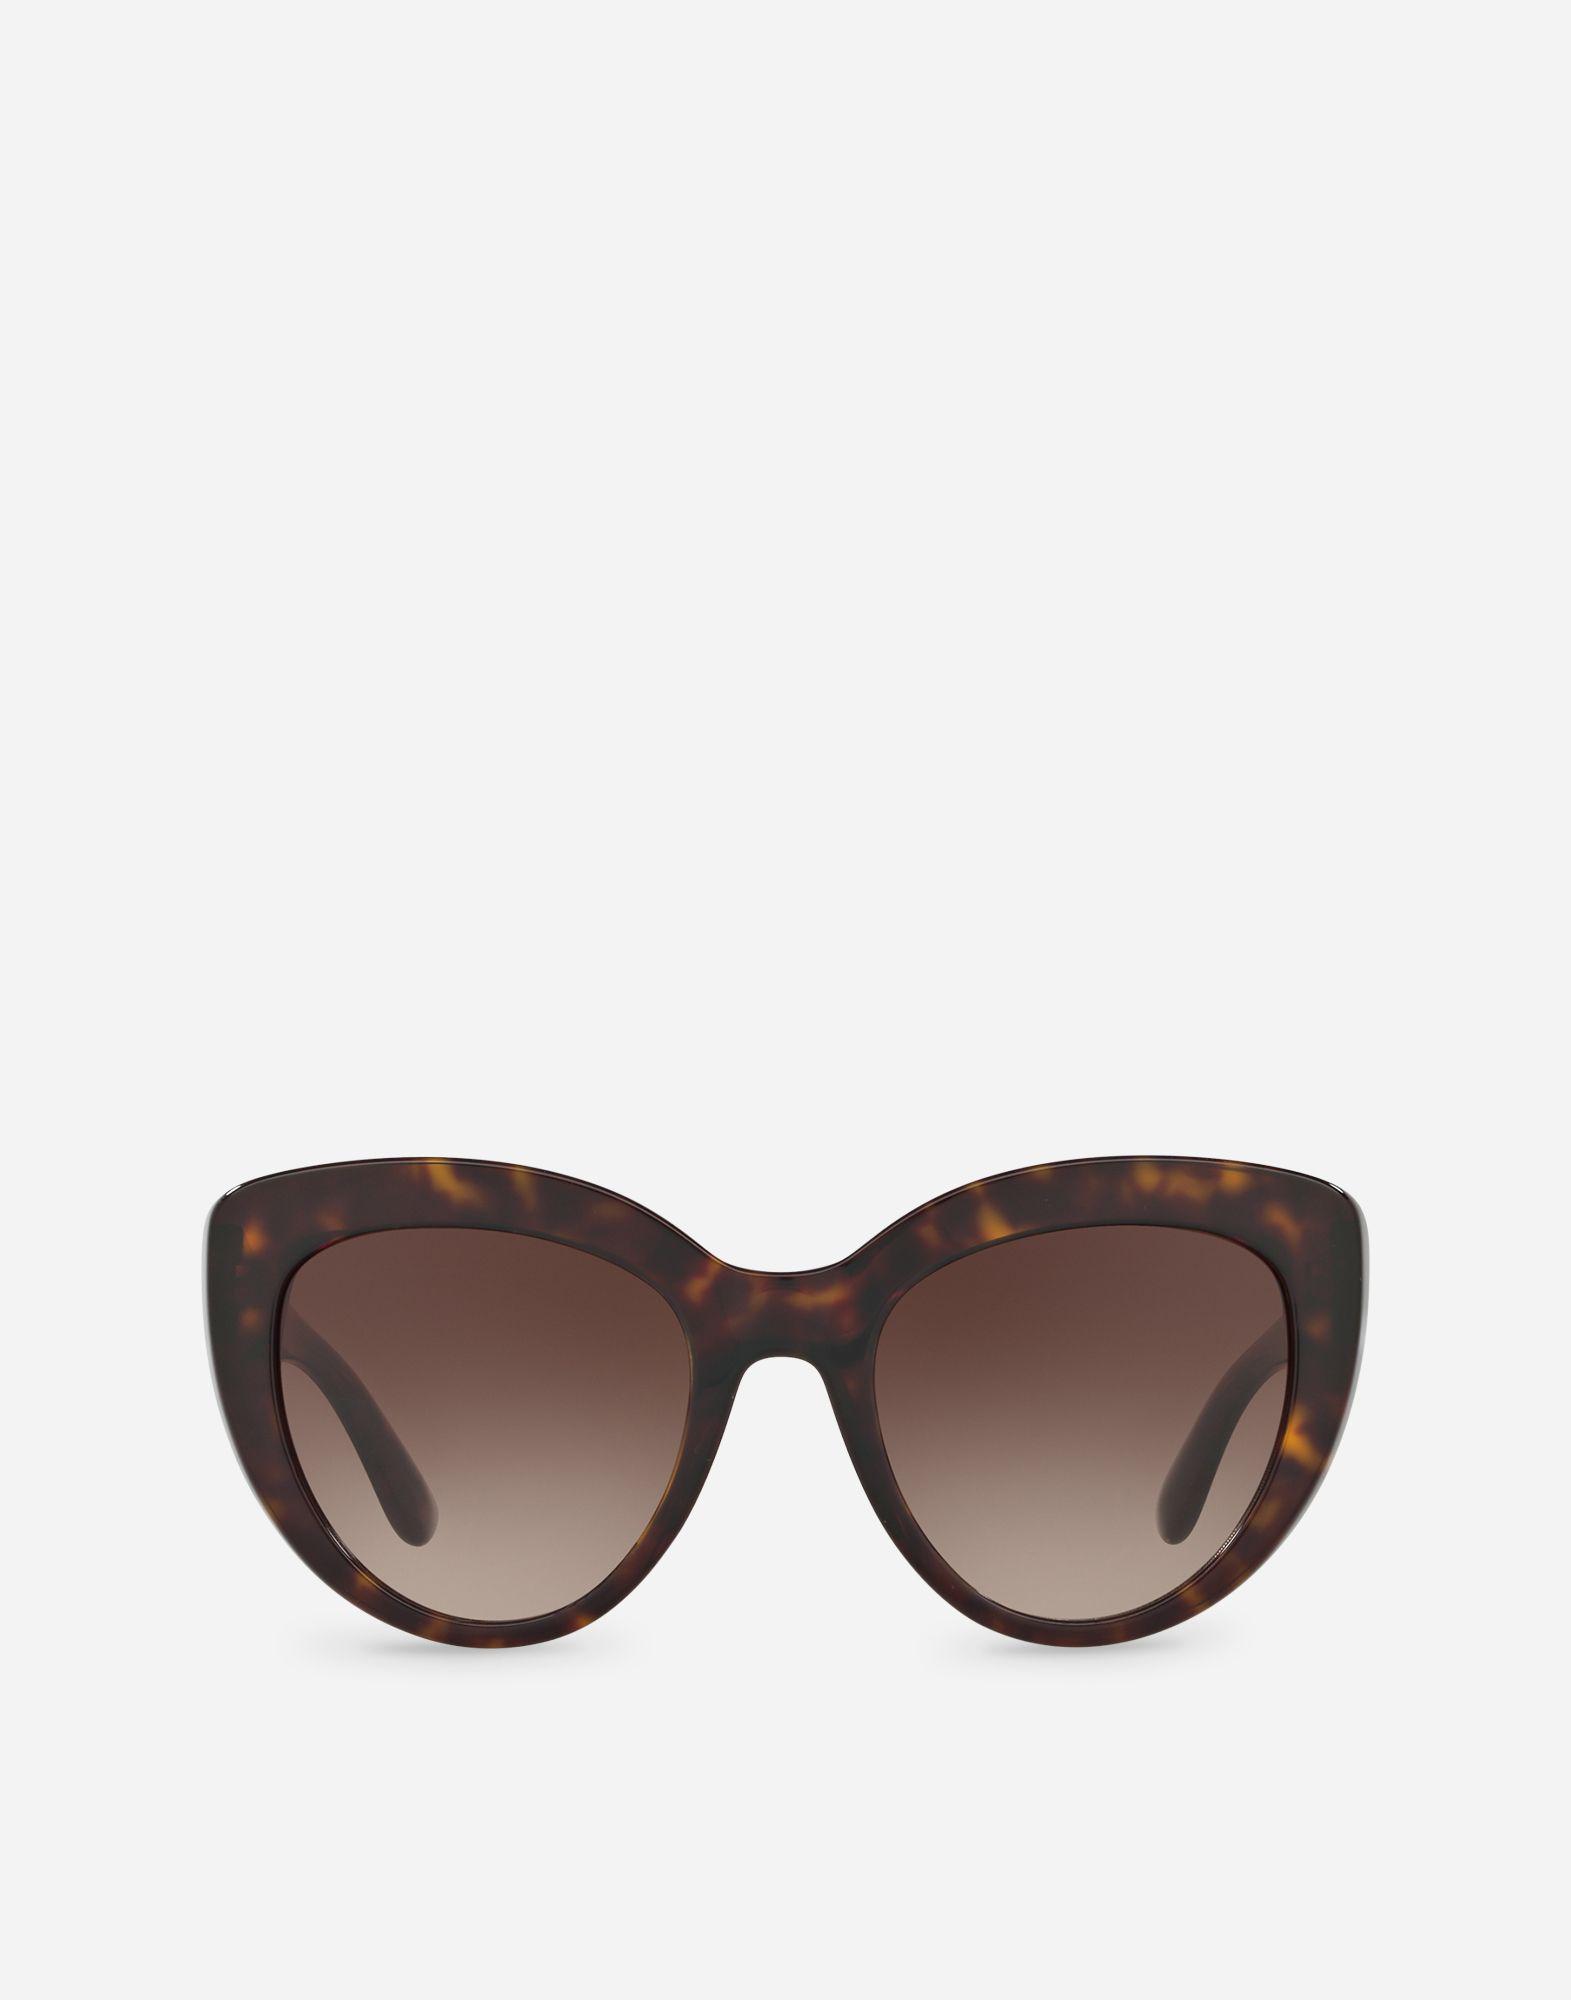 Cat eye acetate sunglasses   Adorned   Lunettes, Lunettes de Soleil ... 7a78892c922d